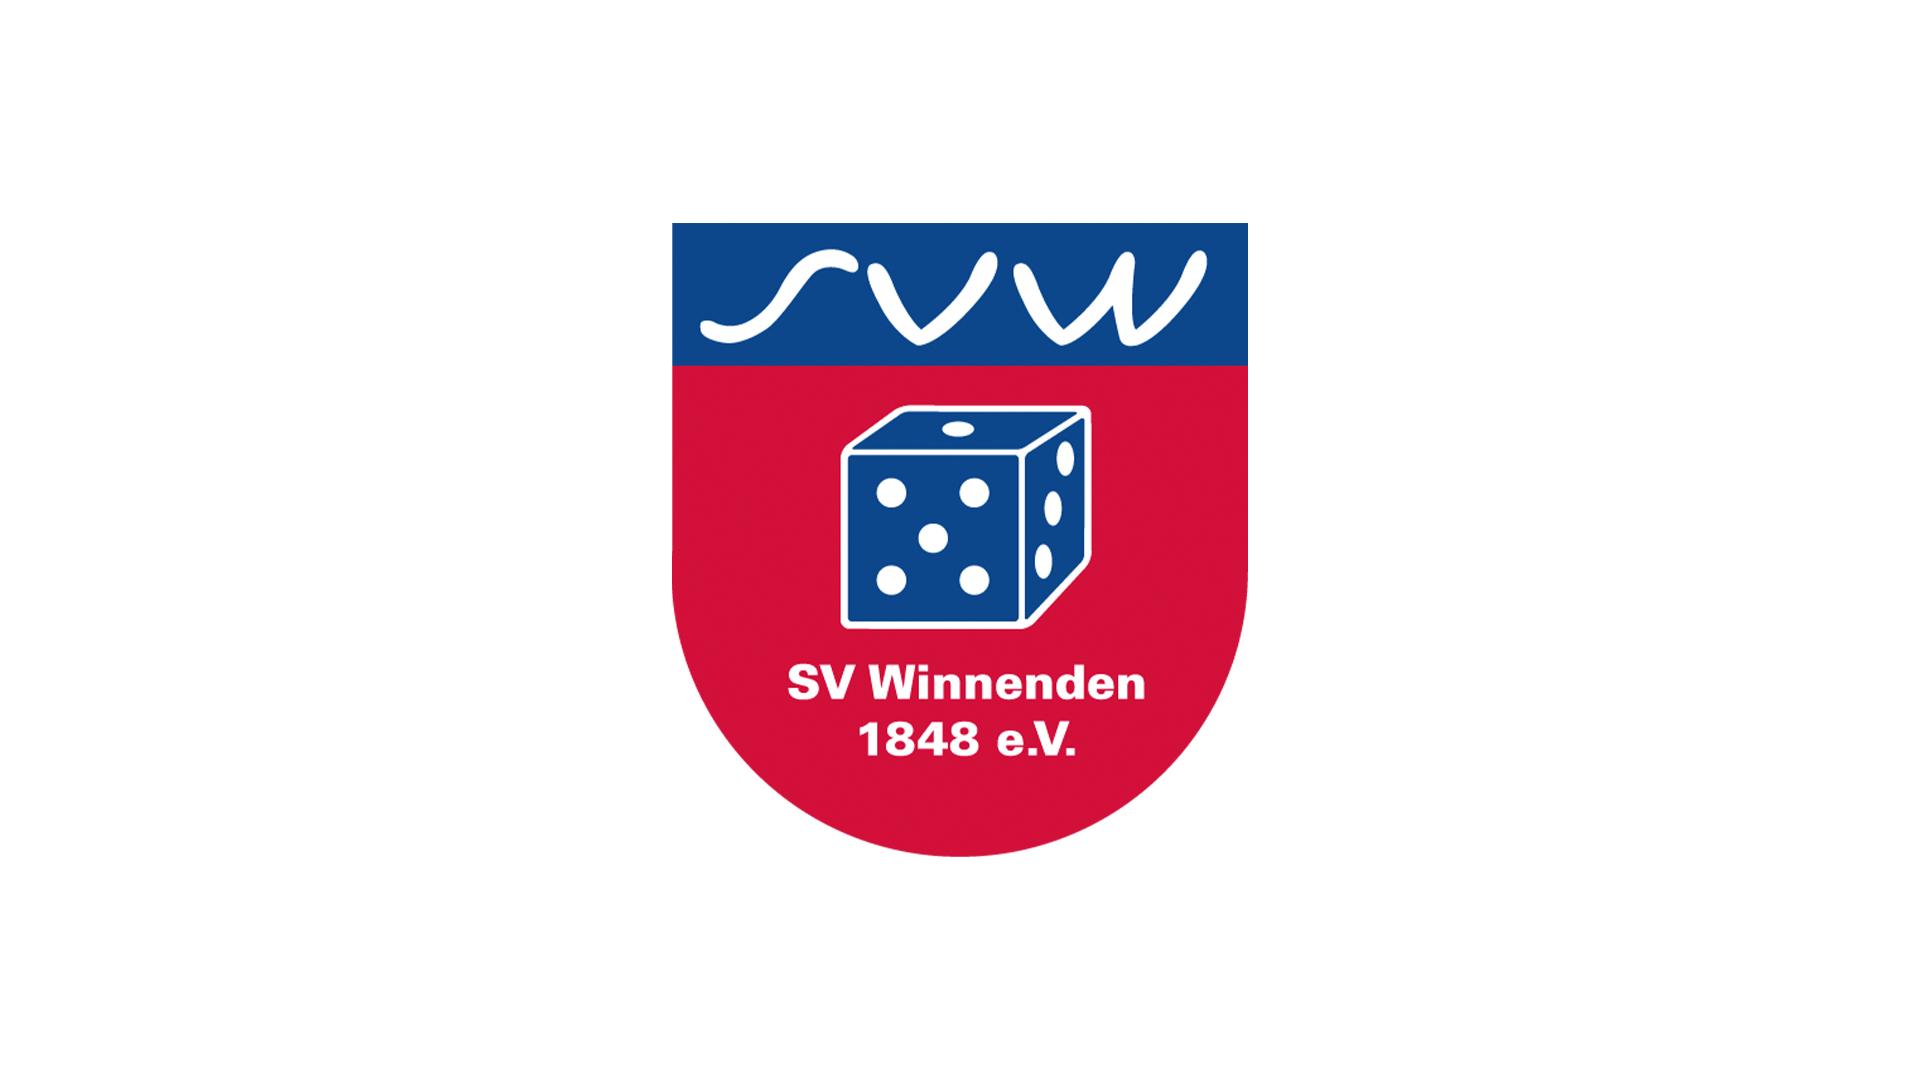 Pfleiderer Projektbau: Sponsoring SV Winnenden